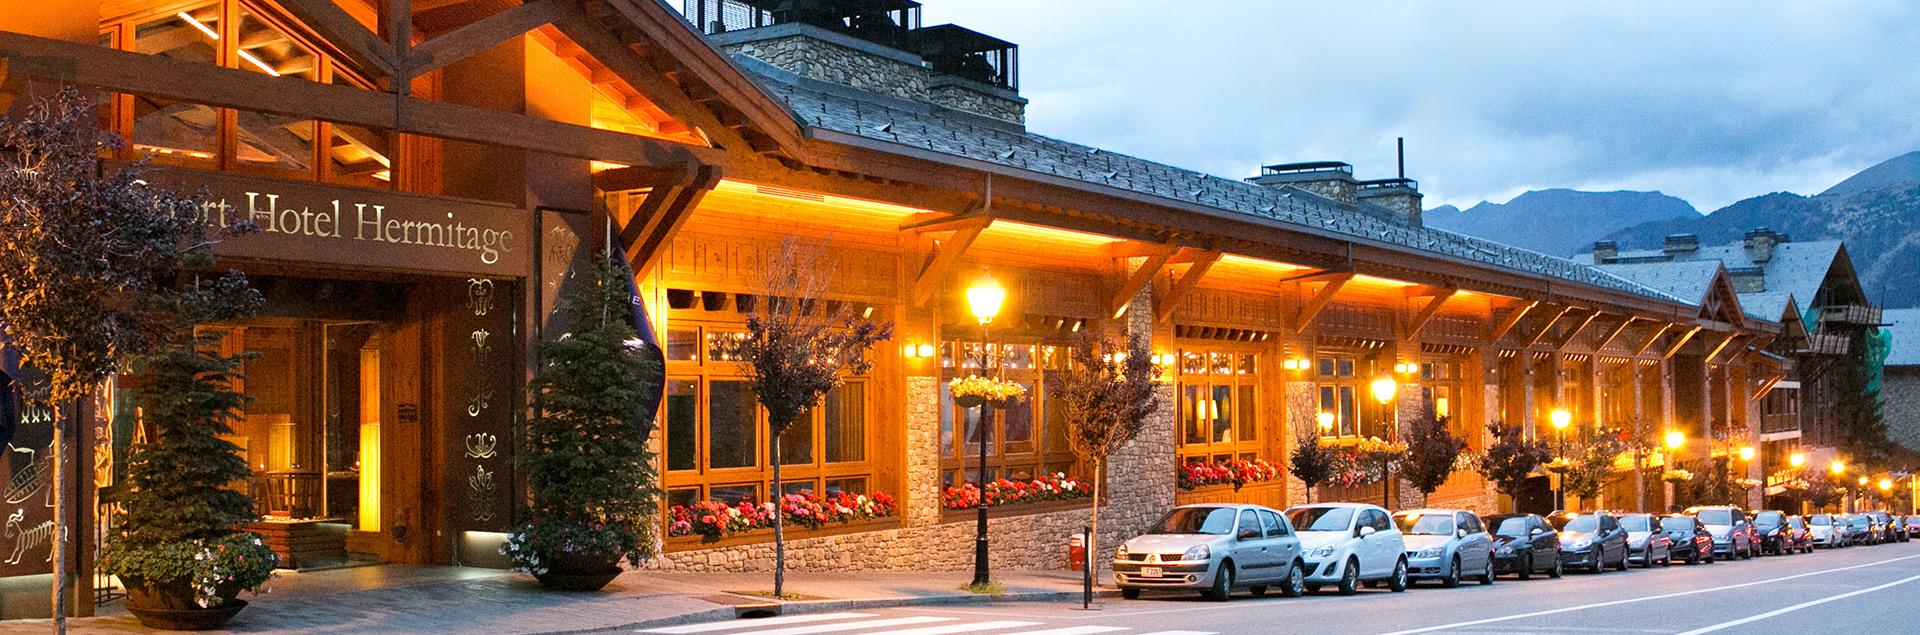 Sport hotel hermitage spa 5 soldeu andorre web oficiel - Sport hotel hermitage and spa ...